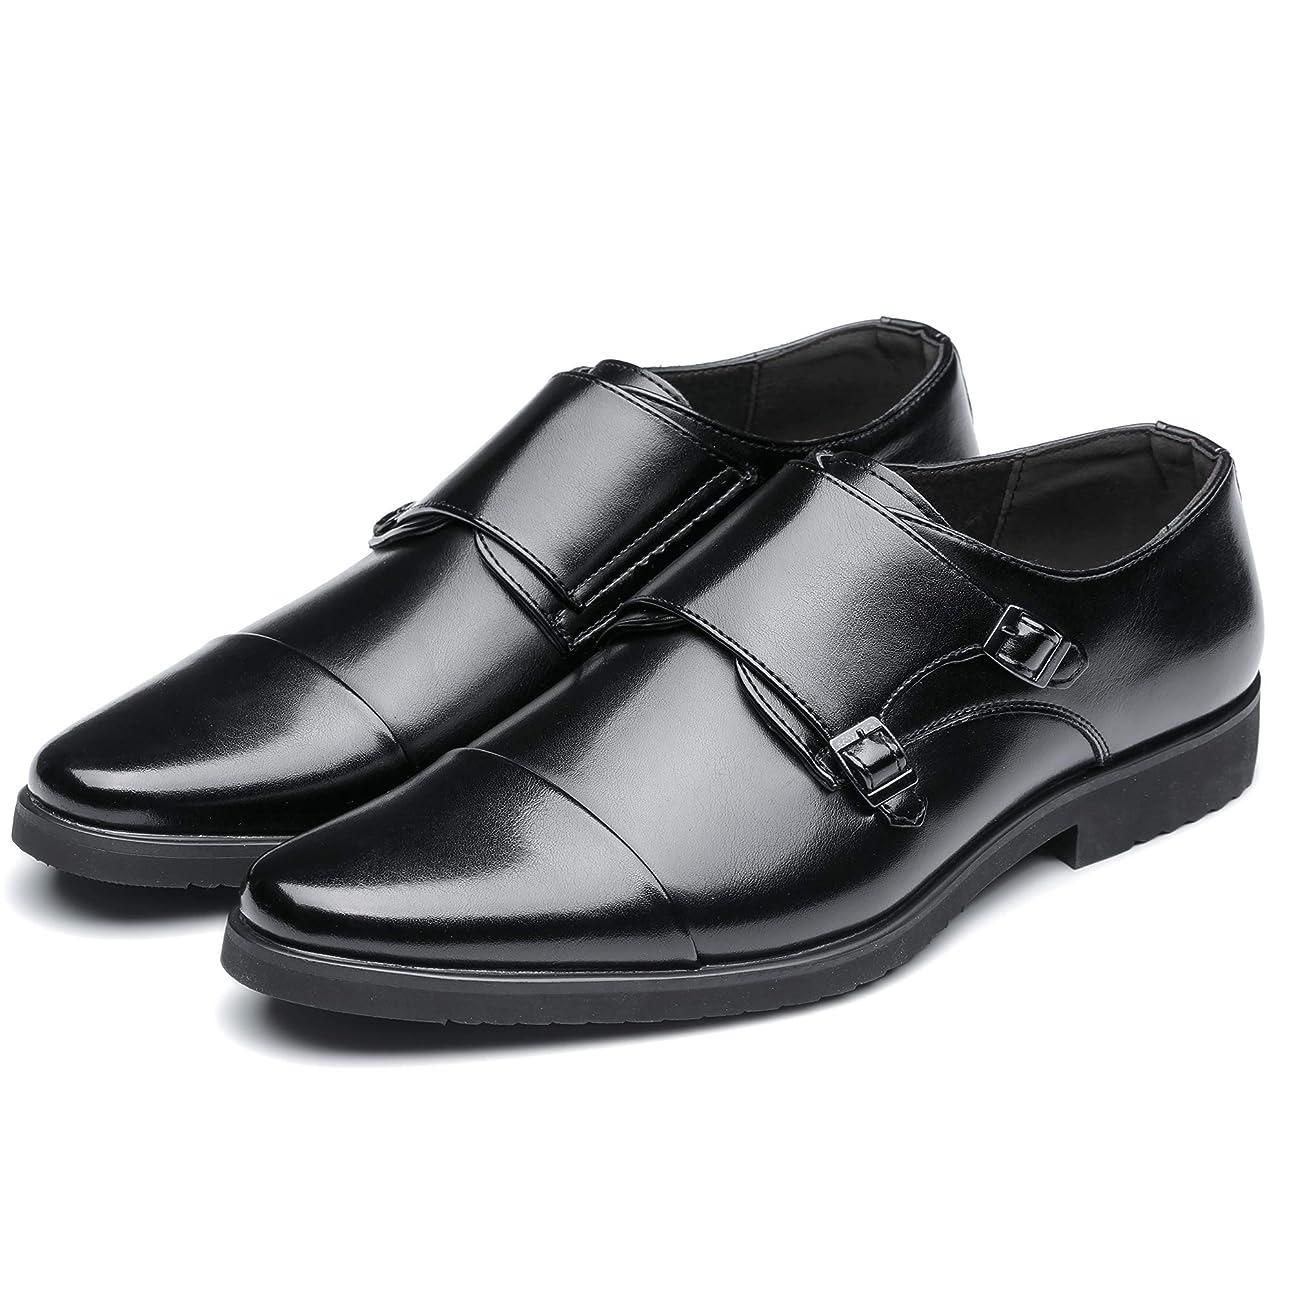 可動迷路規模ビジネス レザーシューズ 革靴 メンズ 通気性 紳士靴 ビジネス メンズ ビジネスシューズ